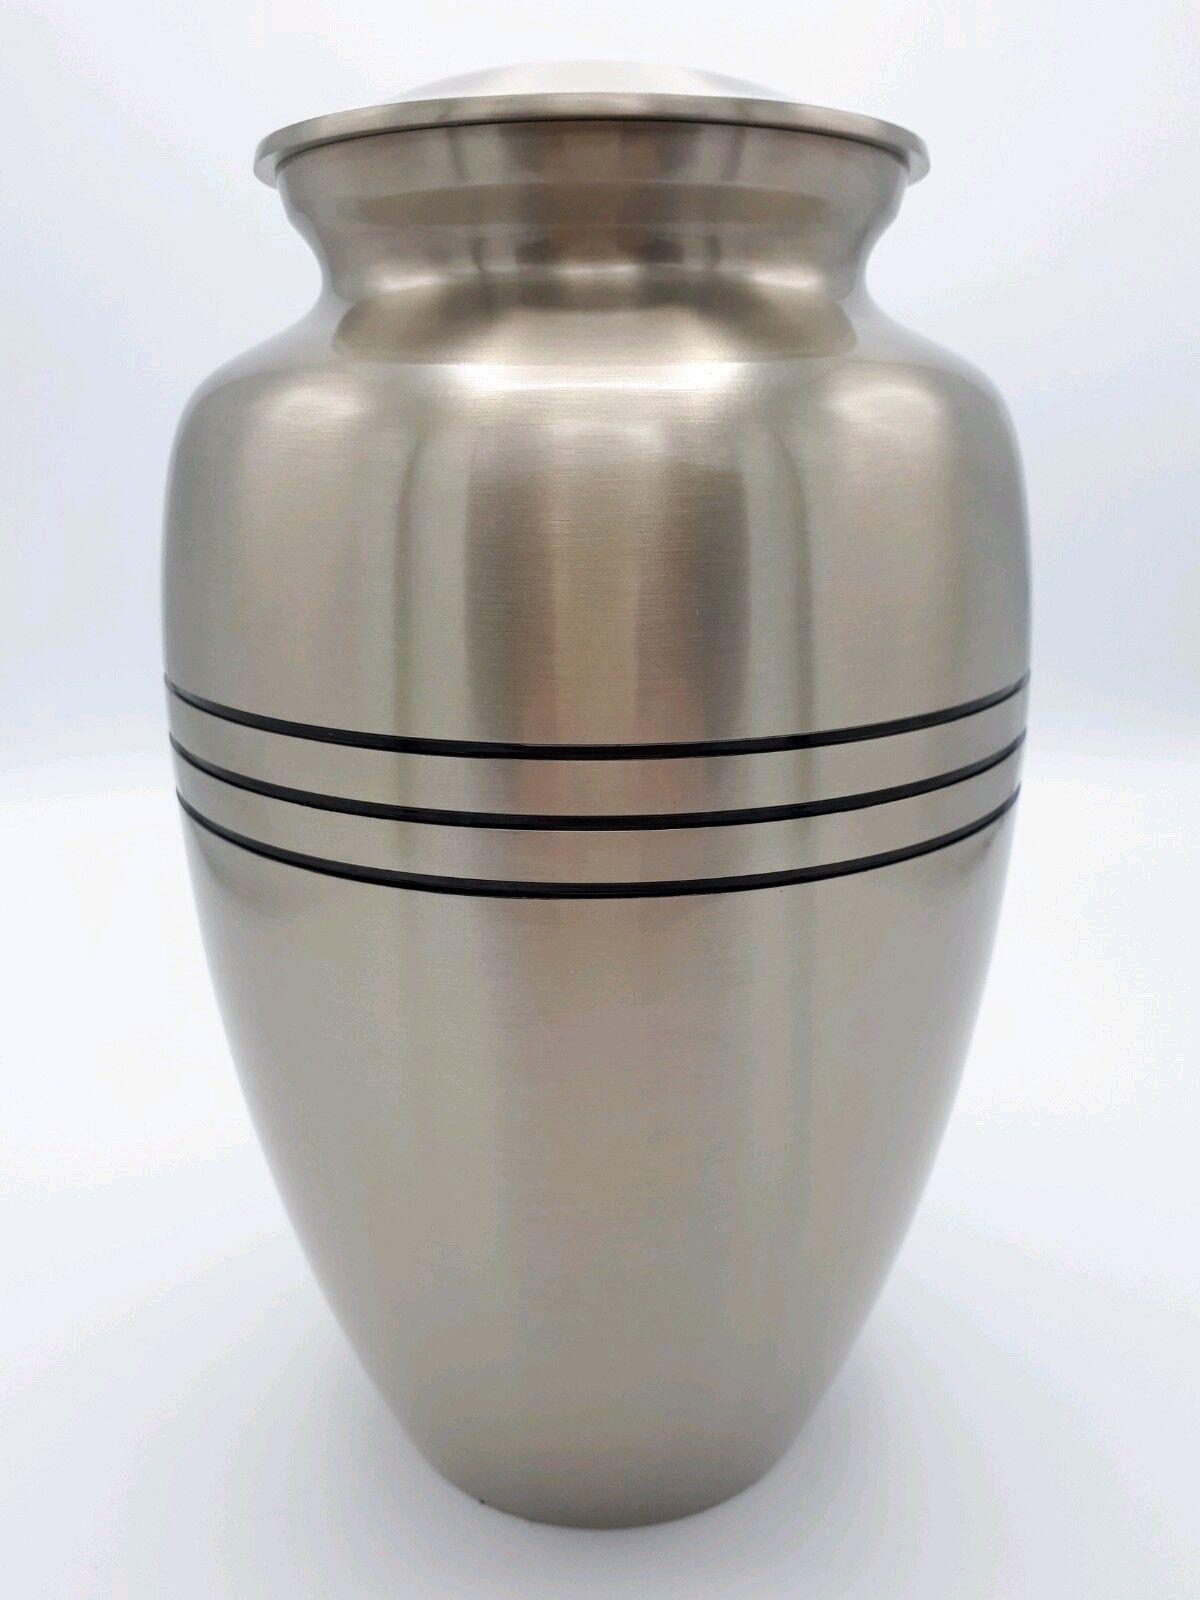 Brass adulte Crémation Urne & Pour Cendres-élégante étain & Urne Noir Tri-bande finition aa2af1